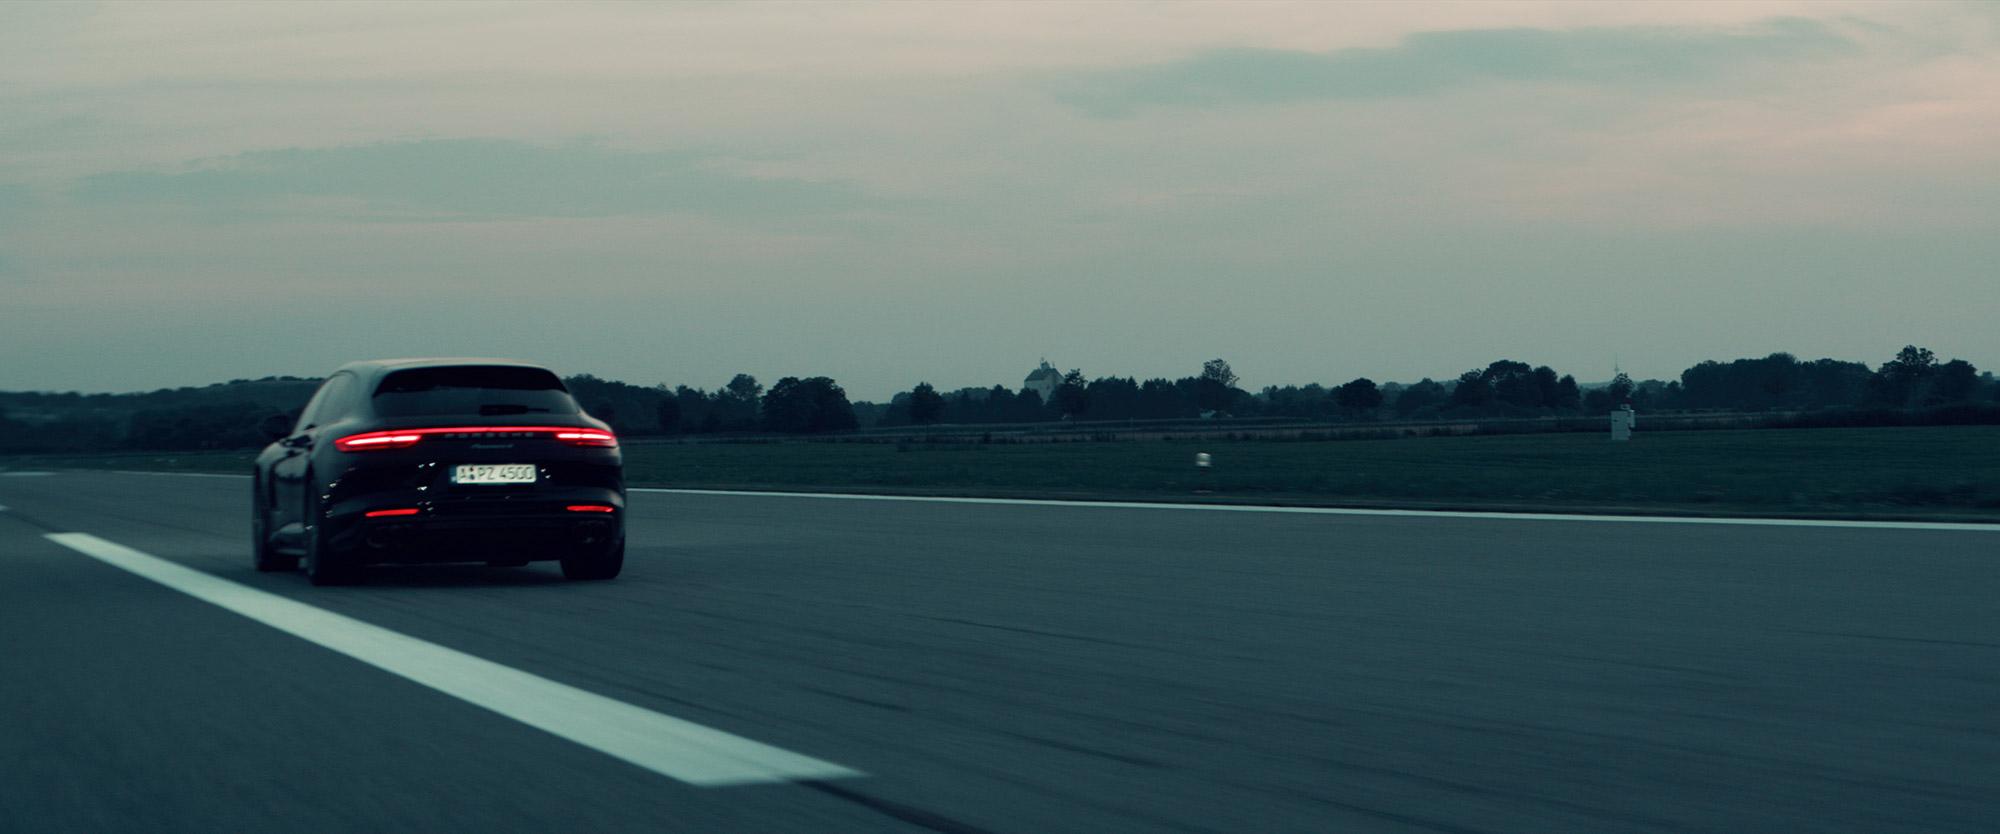 Porsche Panamera E-Hybrid Werbefilm Filmproduktion in Augsburg